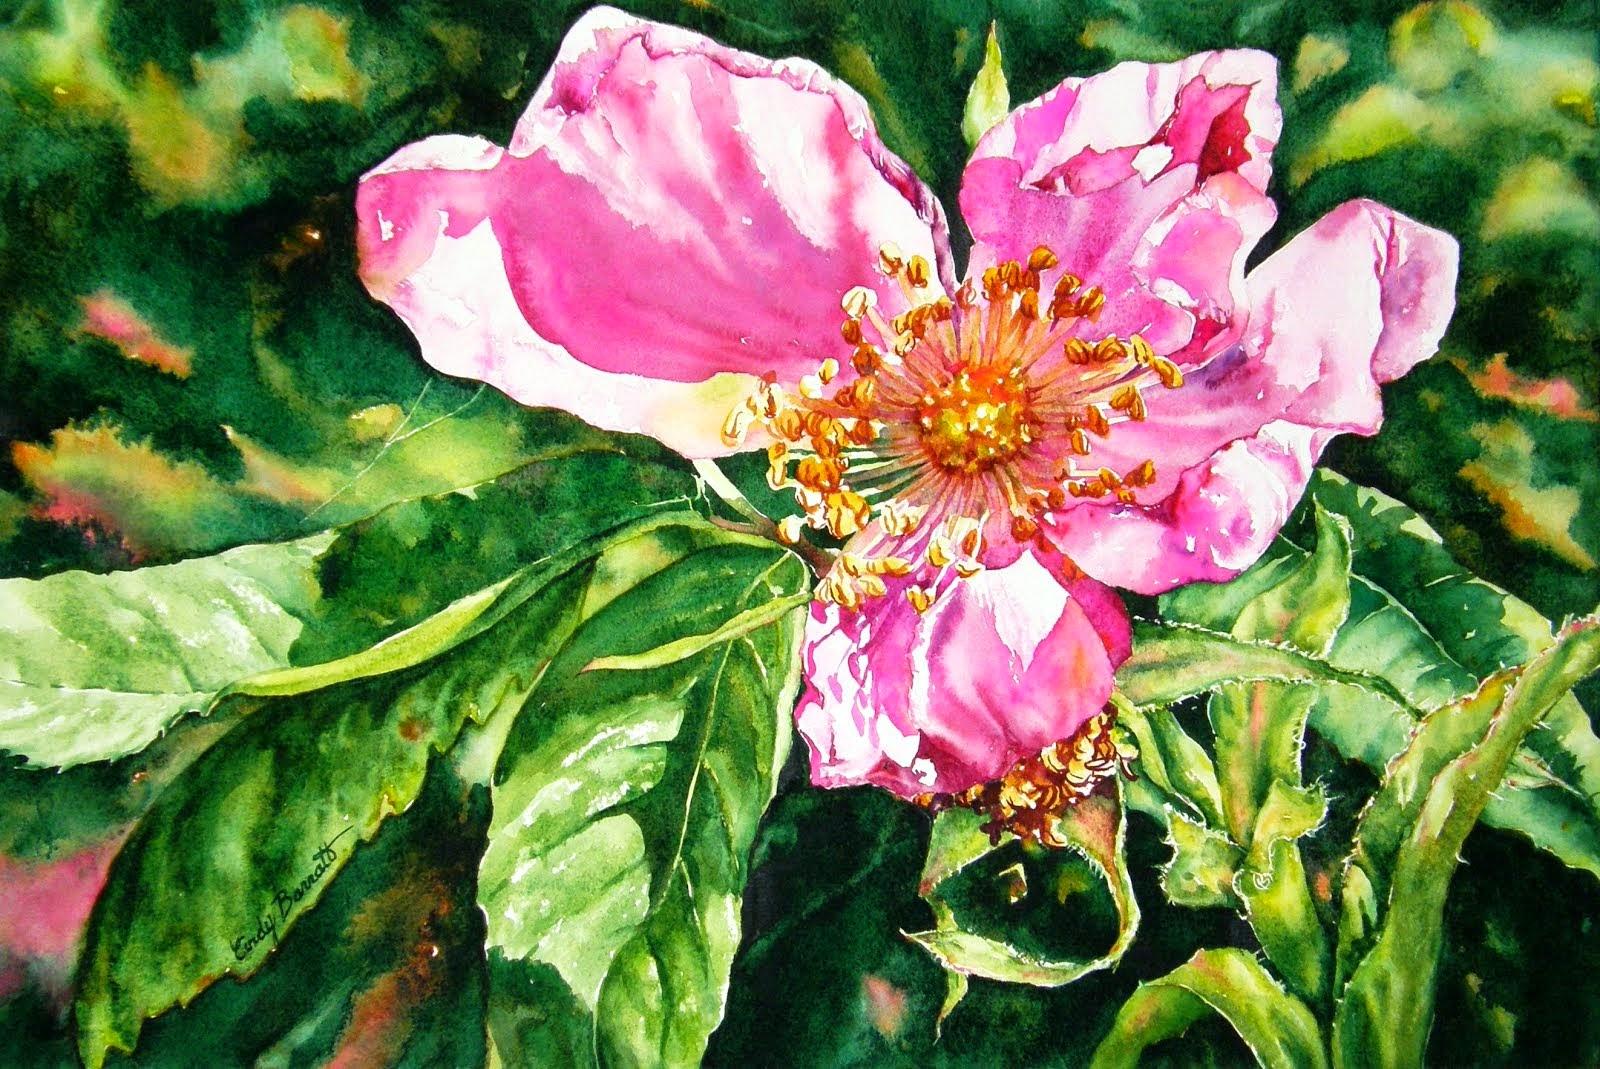 Alberta Rose - Flamboyant!